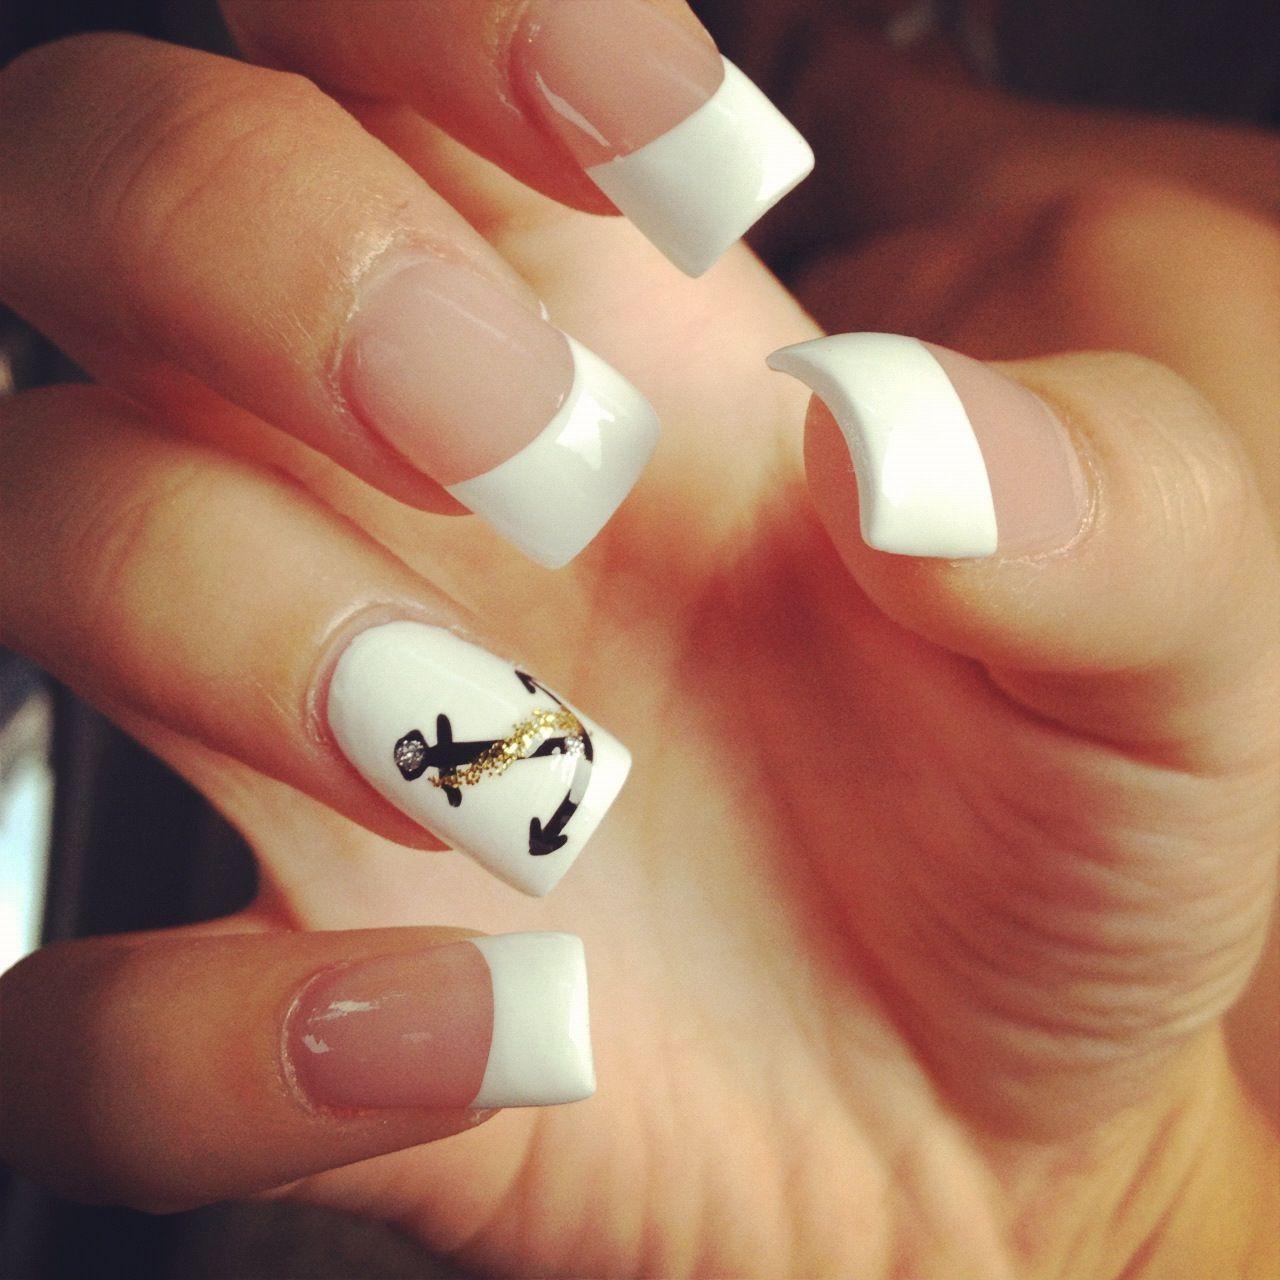 60 Cute Anchor Nail Designs - 60 Cute Anchor Nail Designs Anchor Nails, Nautical Nails And Cruises